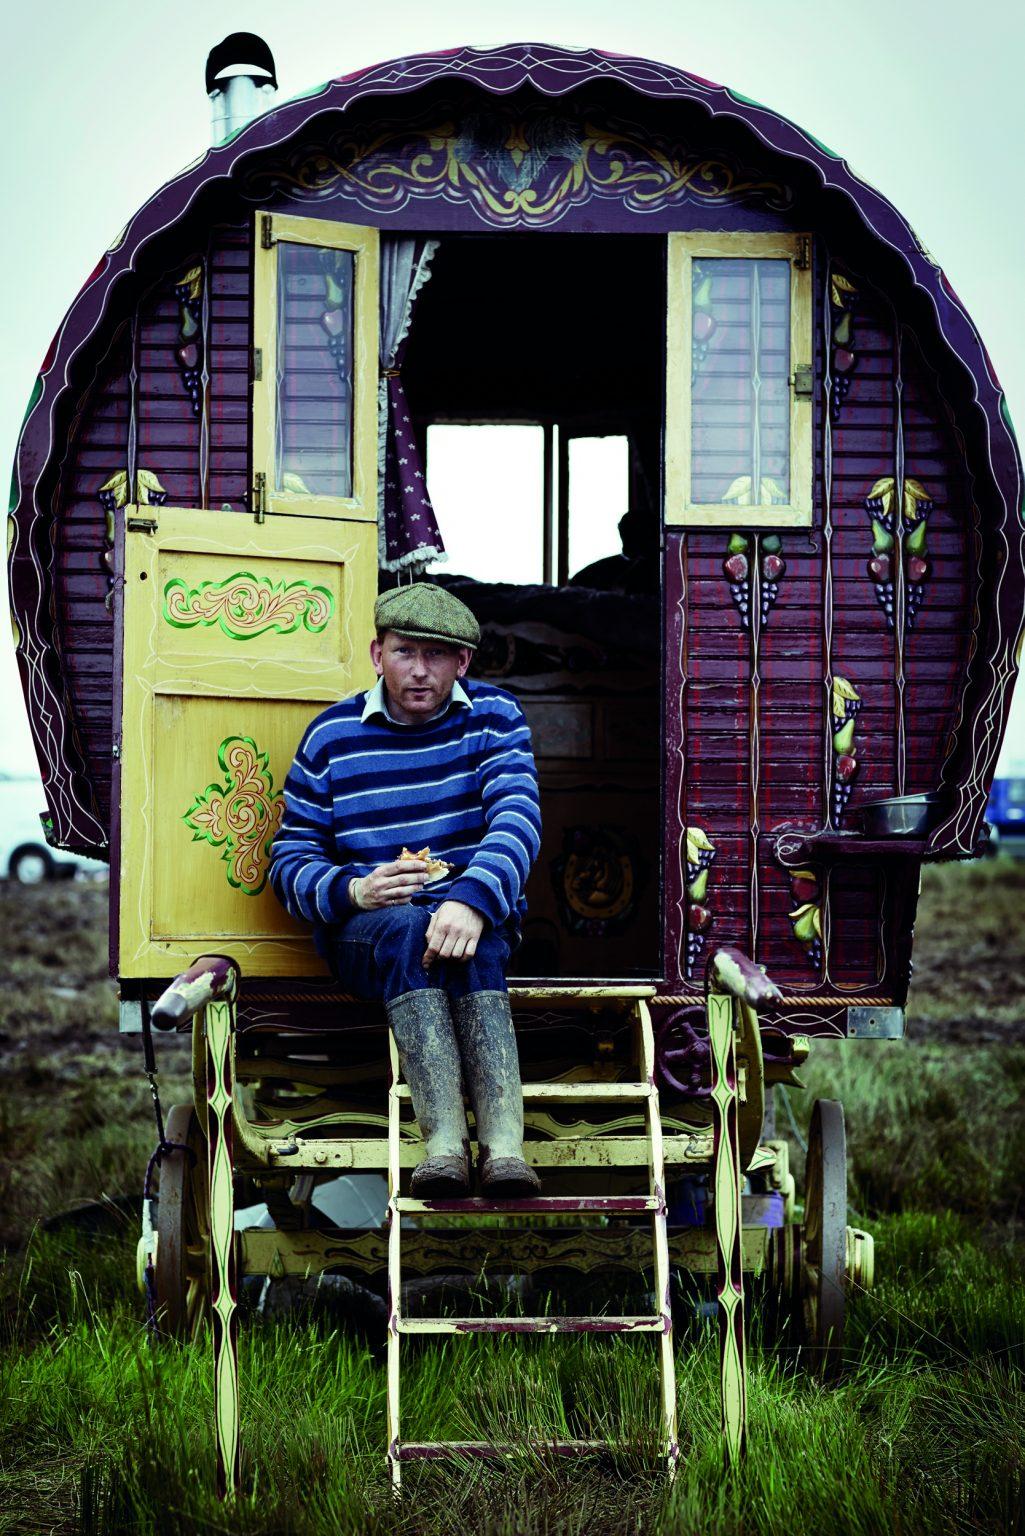 Appleby, United Kingdom, June 2014 - Appleby Horse Fair. Tin, a nomad gypsy. ><  Appleby, Regno Unito, giugno 2014 - Appleby Horse Fair. Il gitano Tin. *** Local Caption ***